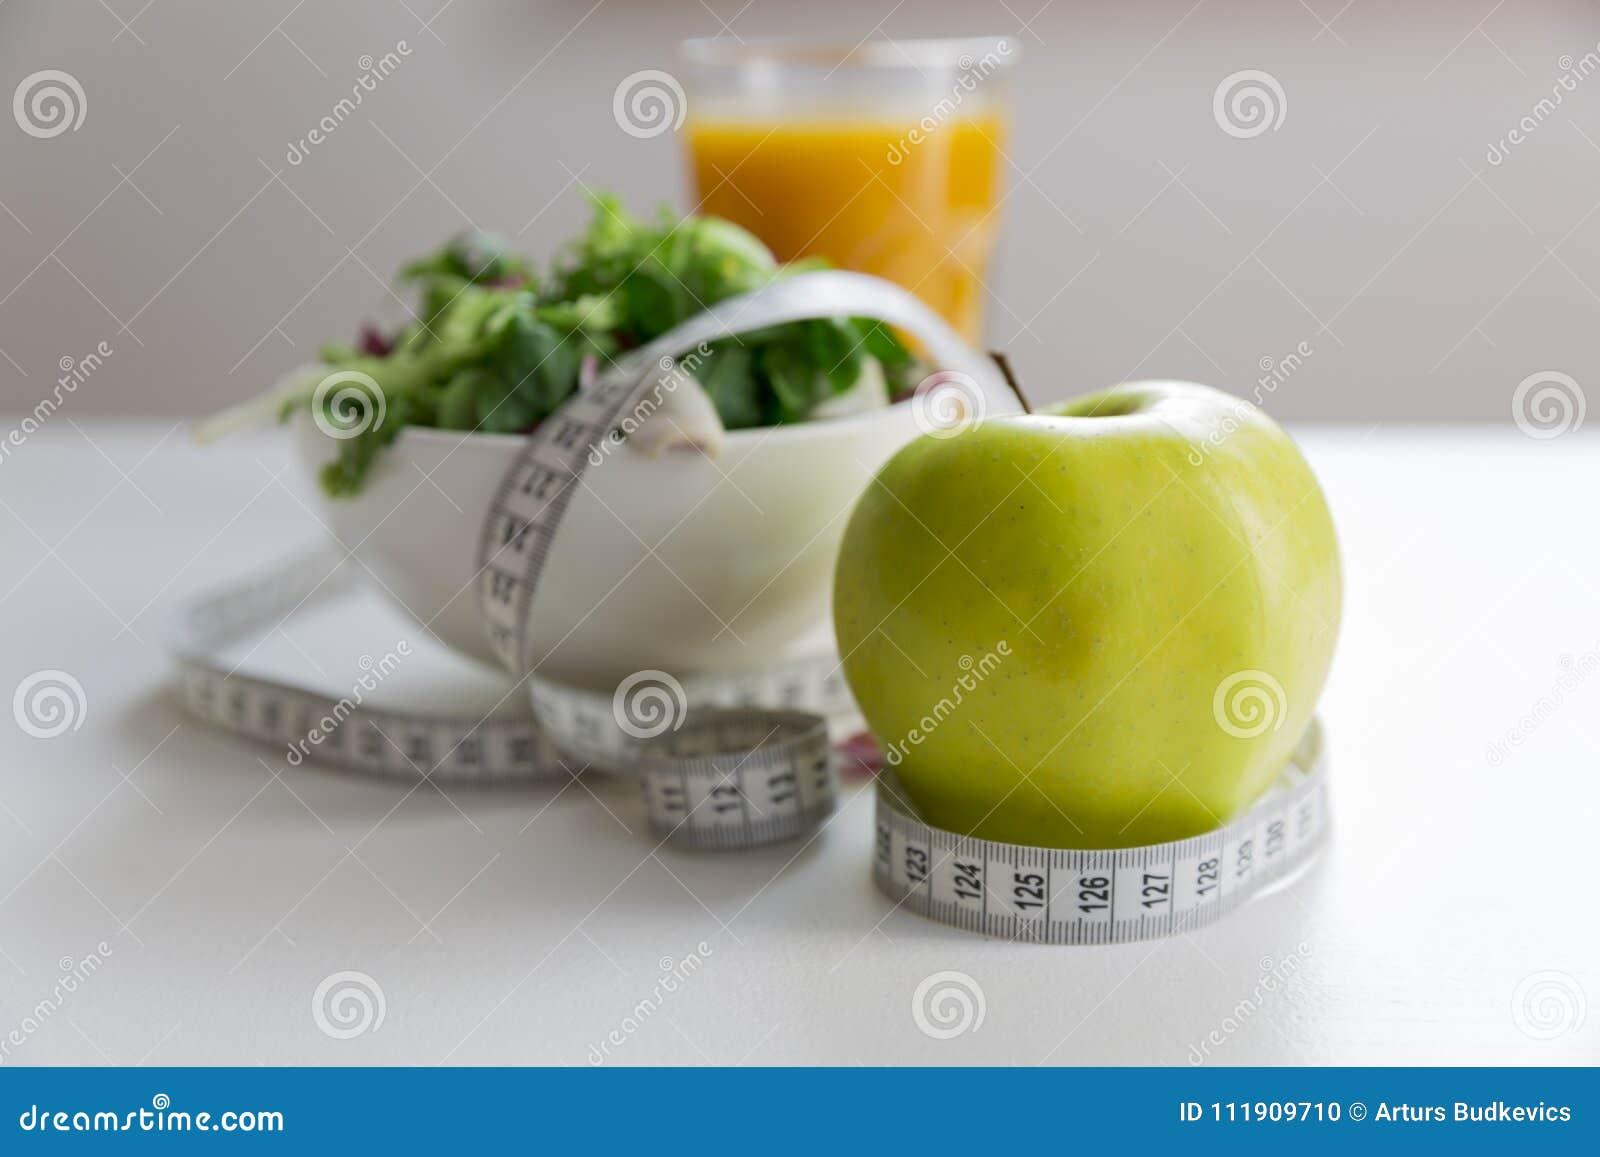 Grüner Saft Gewichtsverlust Video